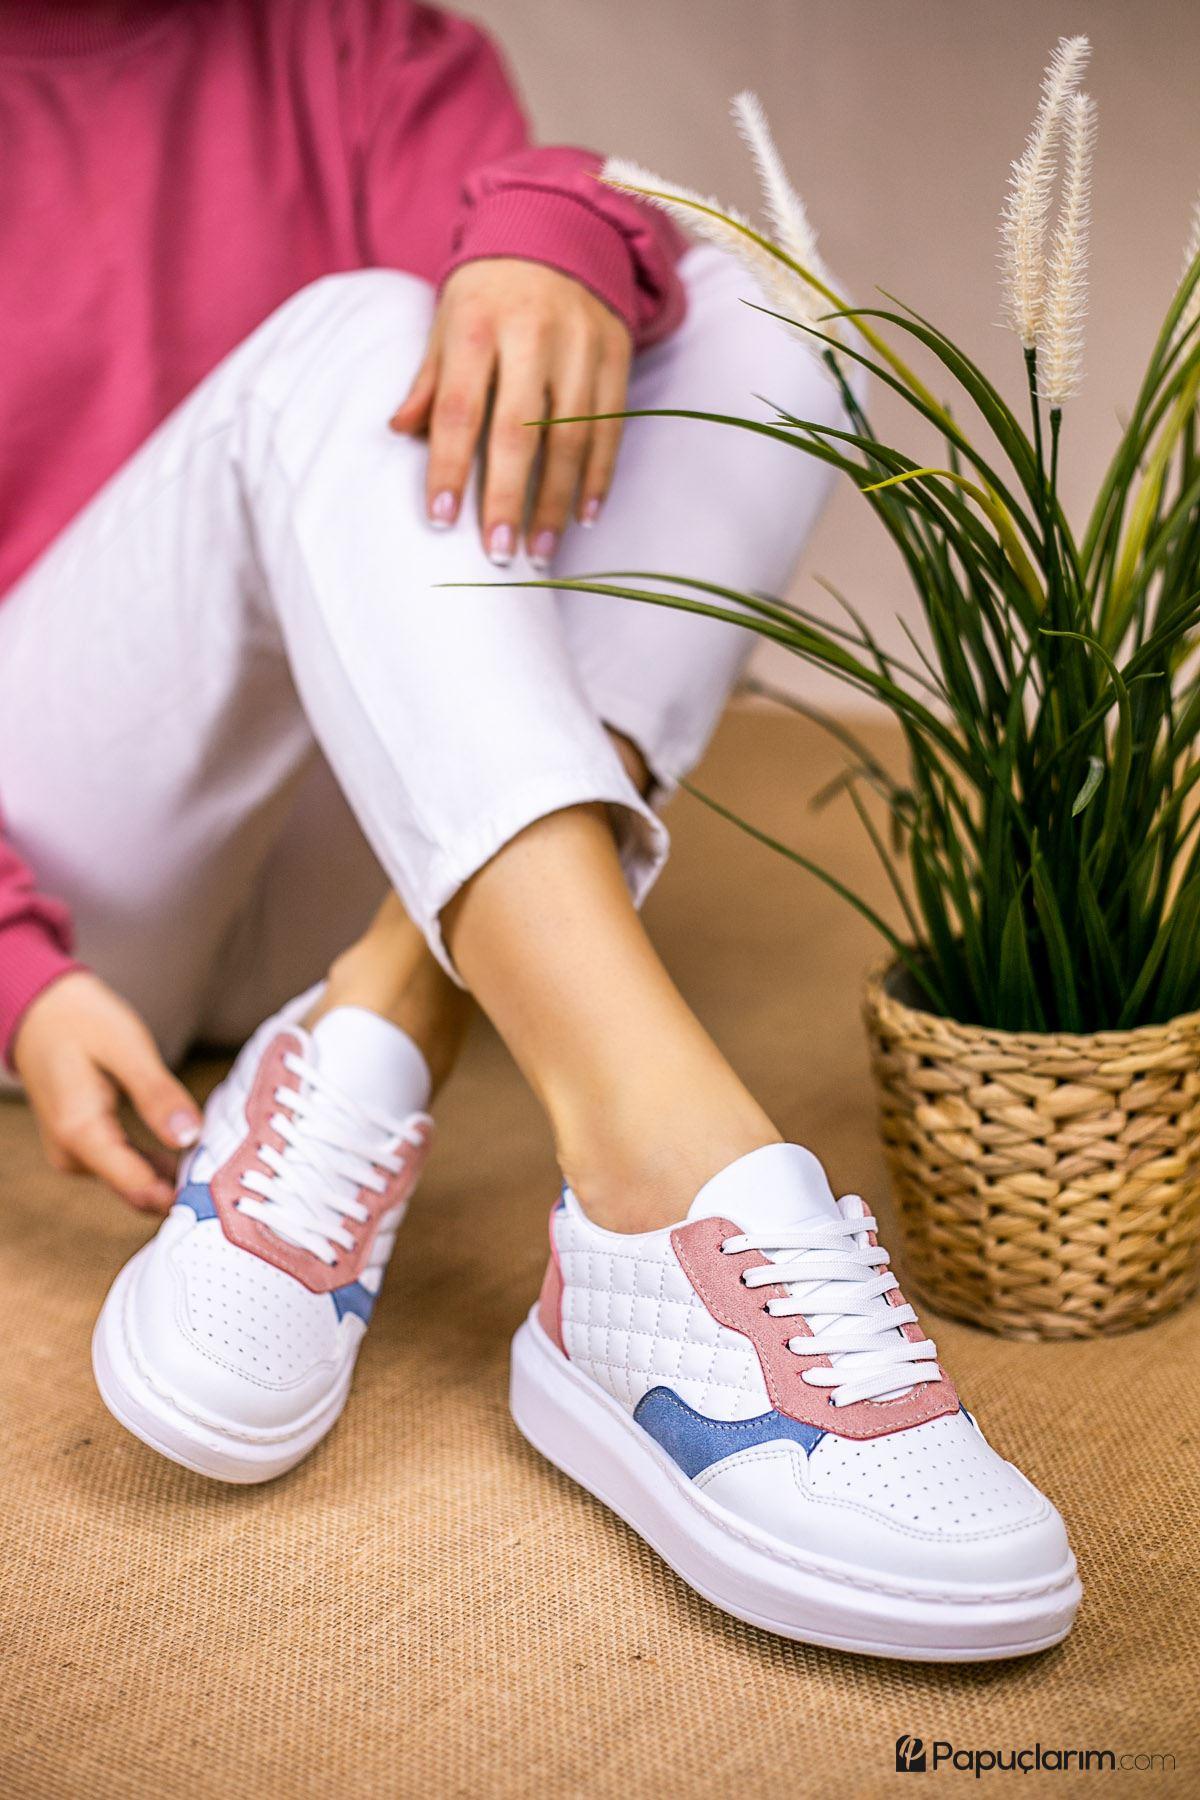 Danila Vizon Kapitone Pudra-Mavi Süet Bağcıklı Kadın Spor Ayakkabı